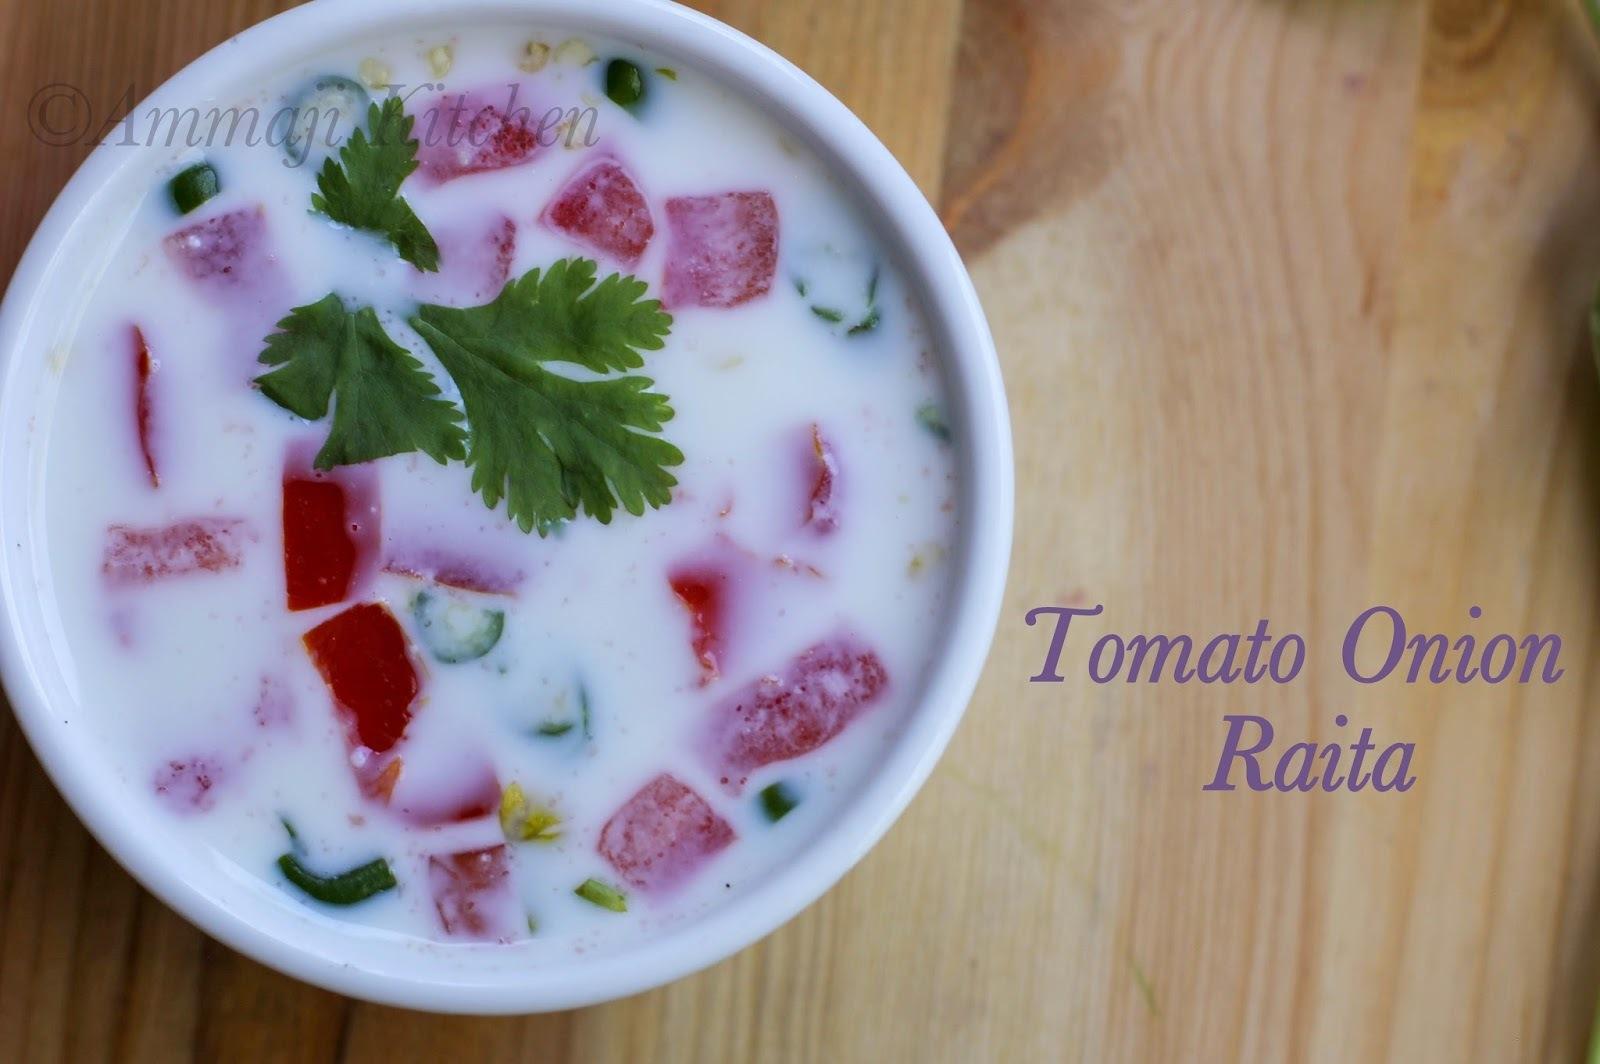 Tomato Onion Raita